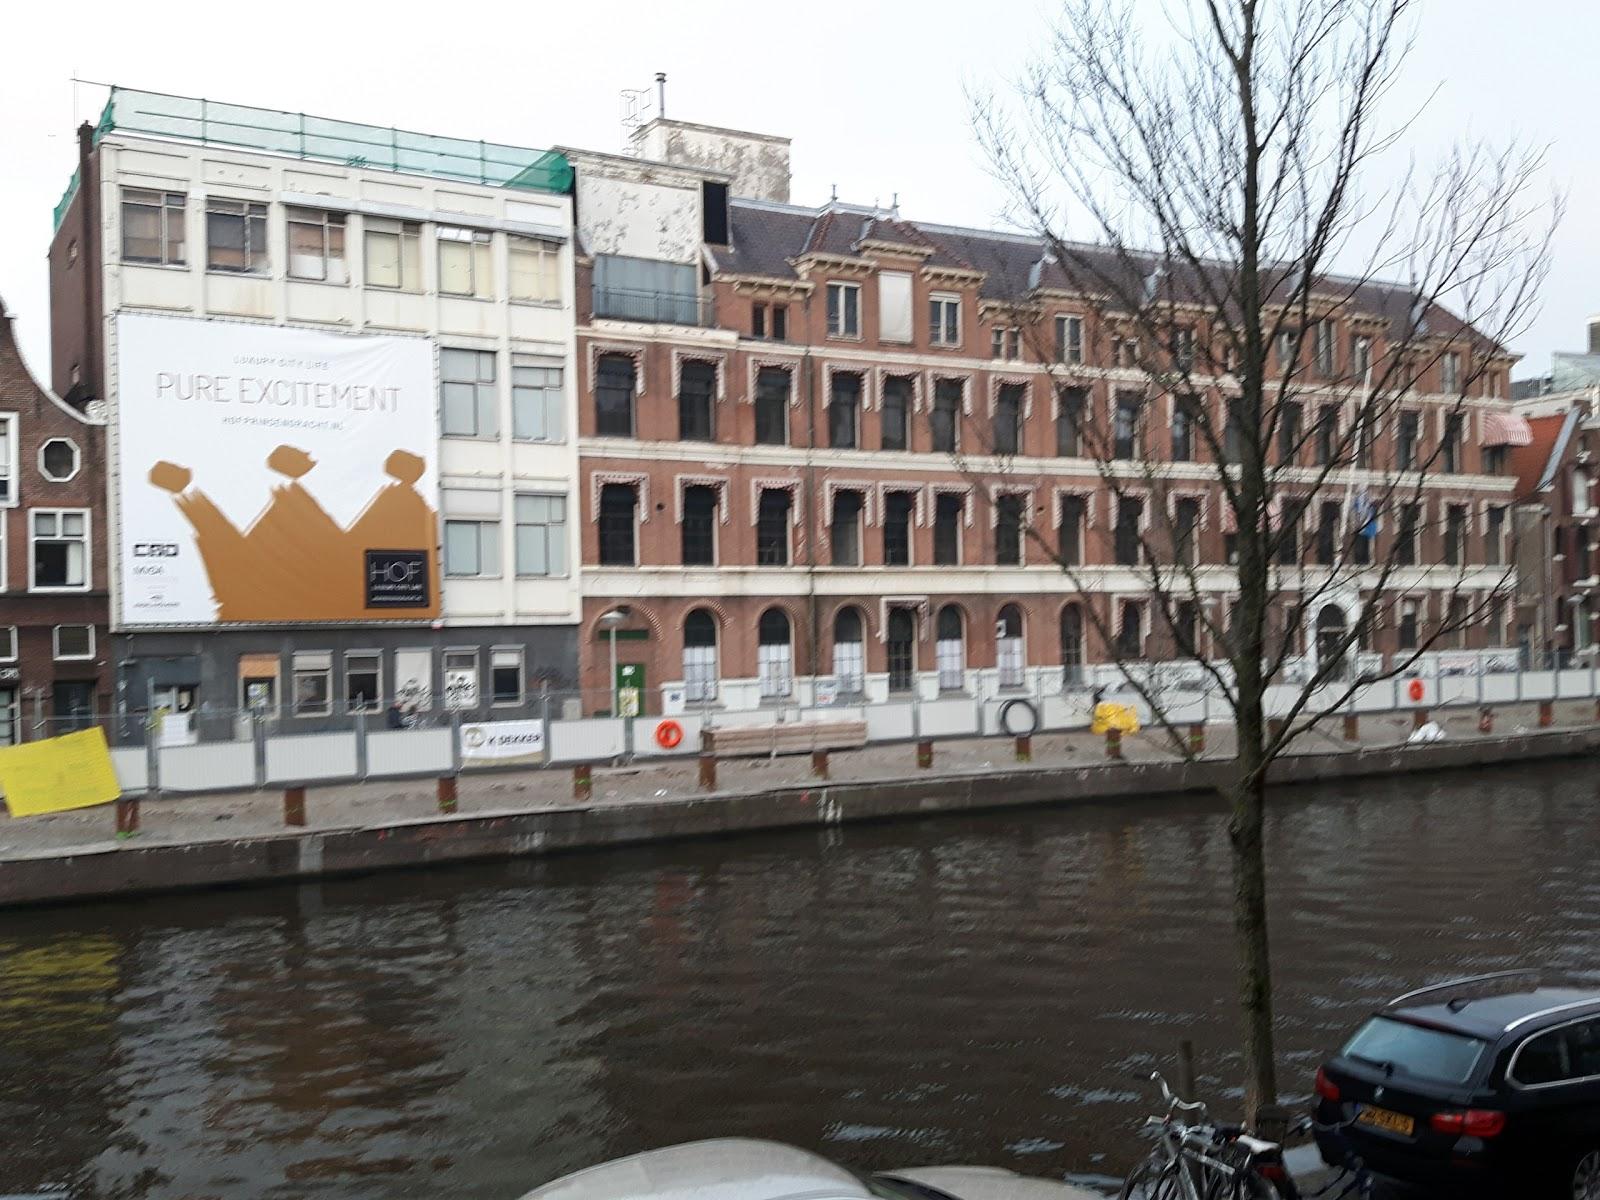 Van de Kaart Amsterdam accepteert American Express Credit Cards